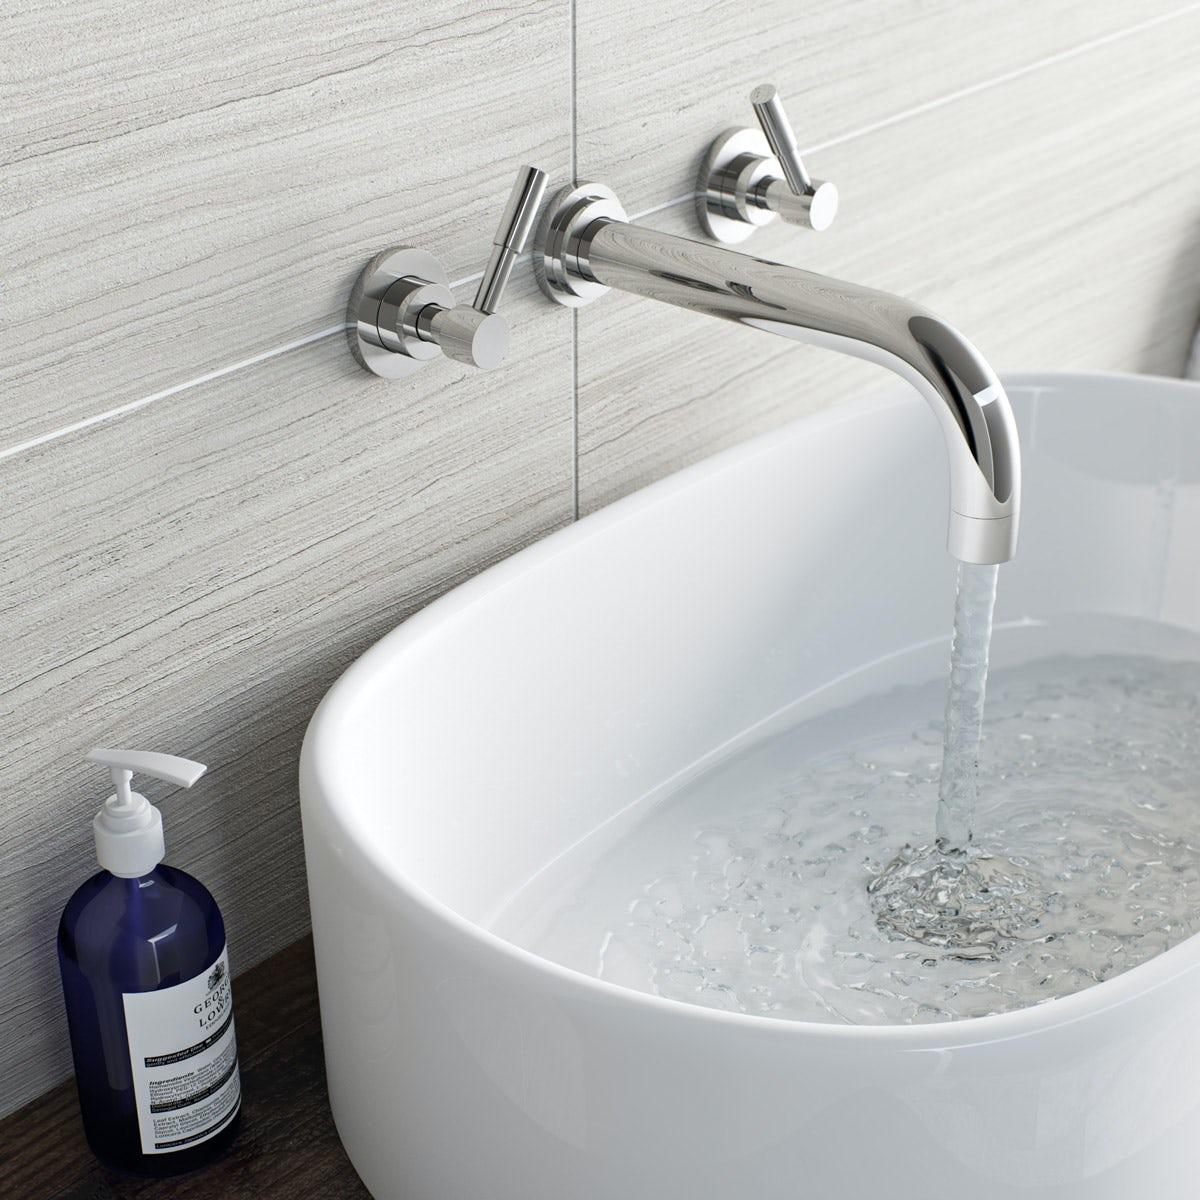 Mode Harrison wall mounted basin mixer tap| VictoriaPlum.com